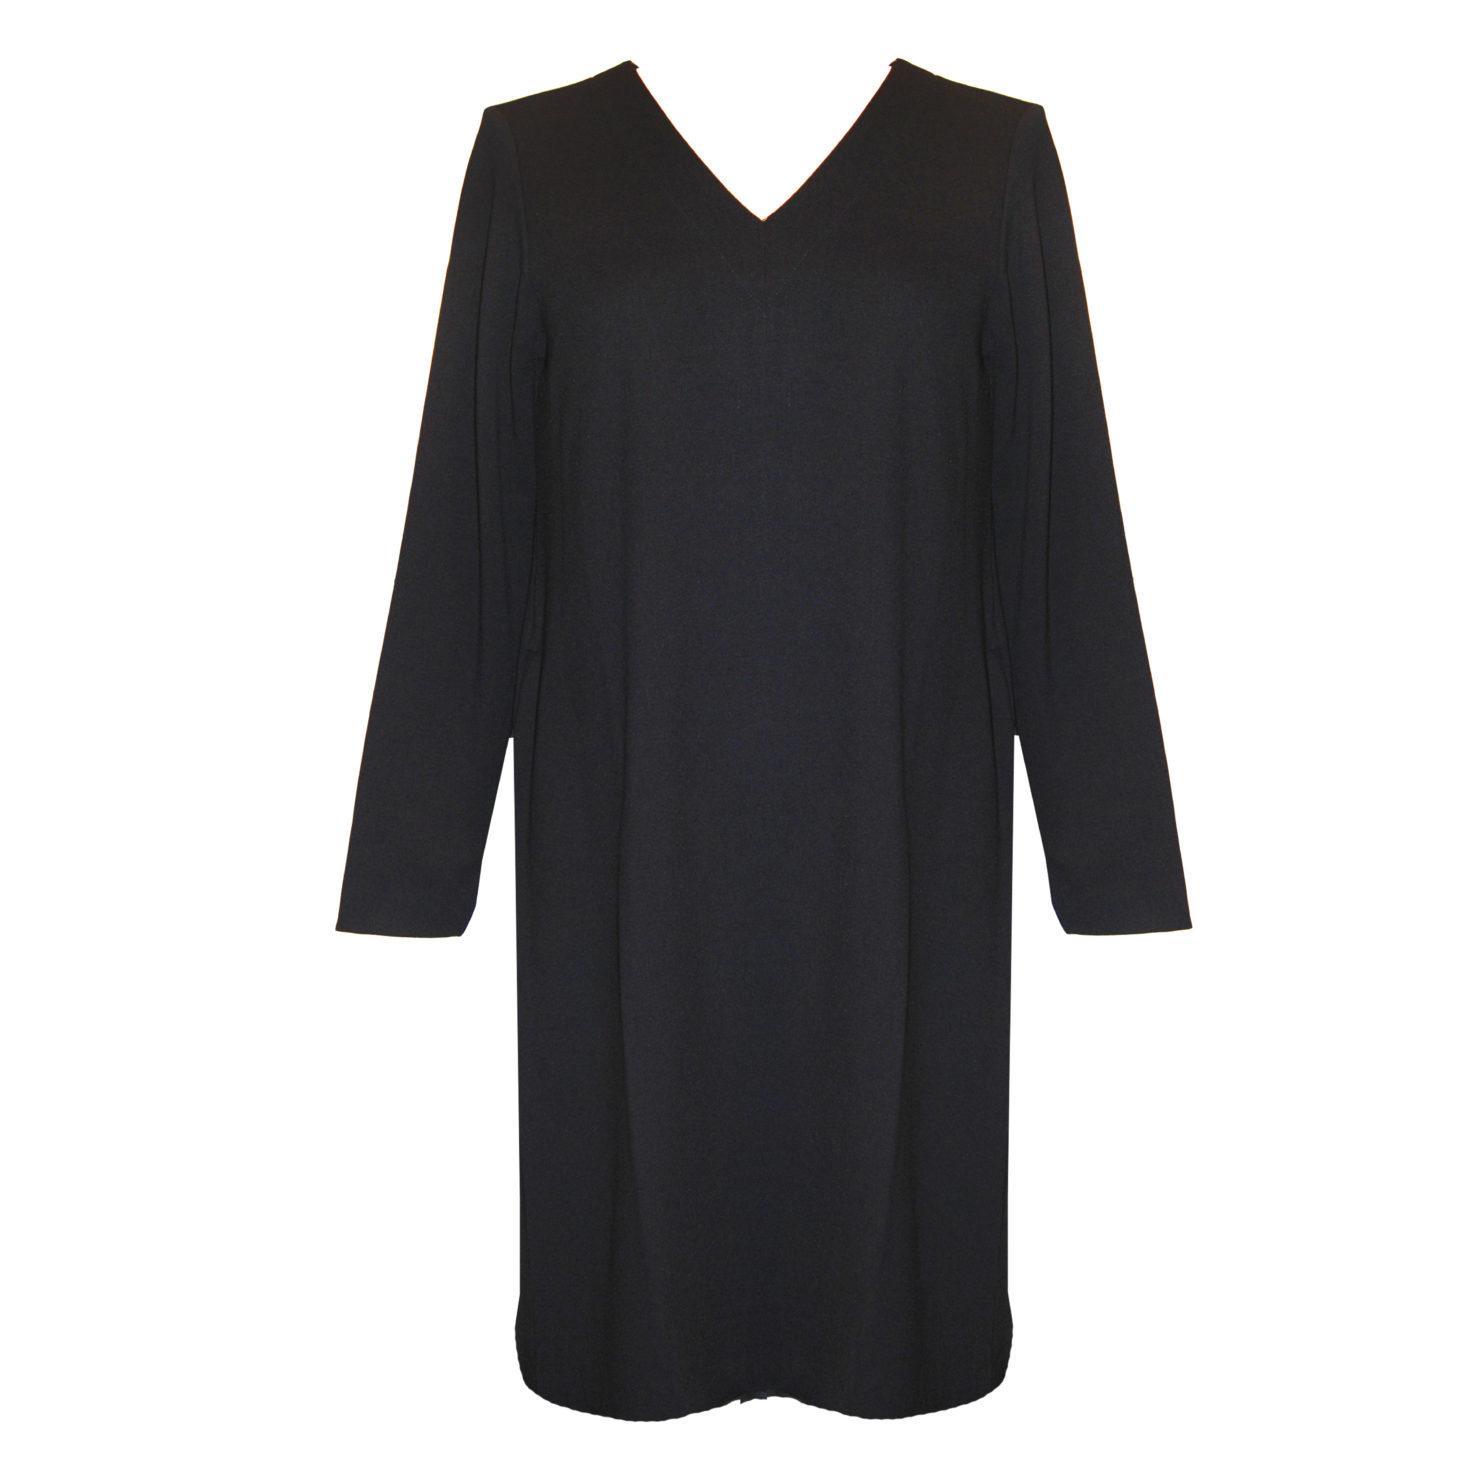 europeanculture | kleid mit v-ausschnitt | schwarz